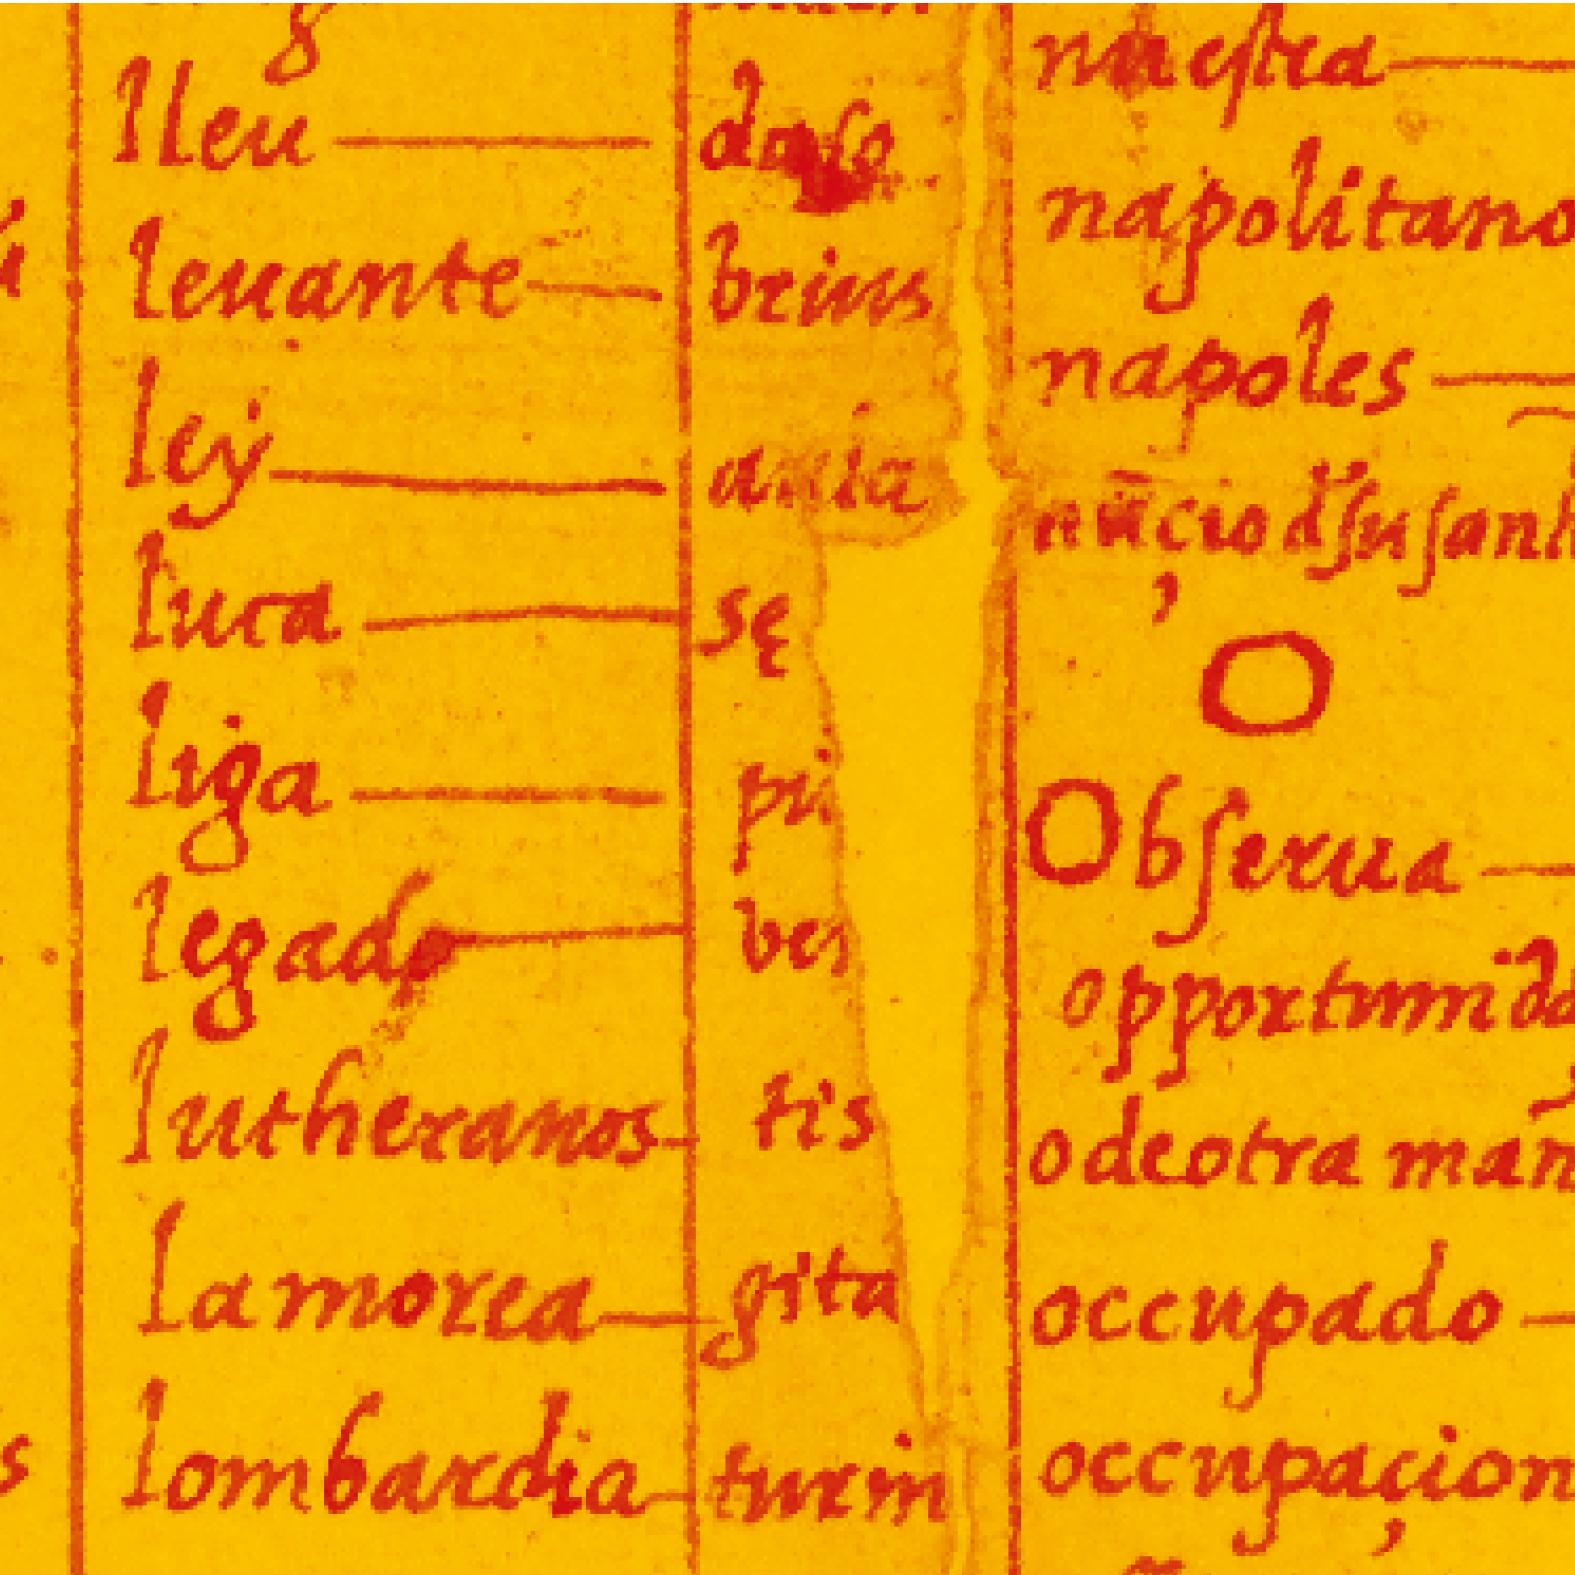 Bergenroth – Geheime Schriften und die Entzifferung der Wirklichkeit • Abb: Archivo General de Simancas